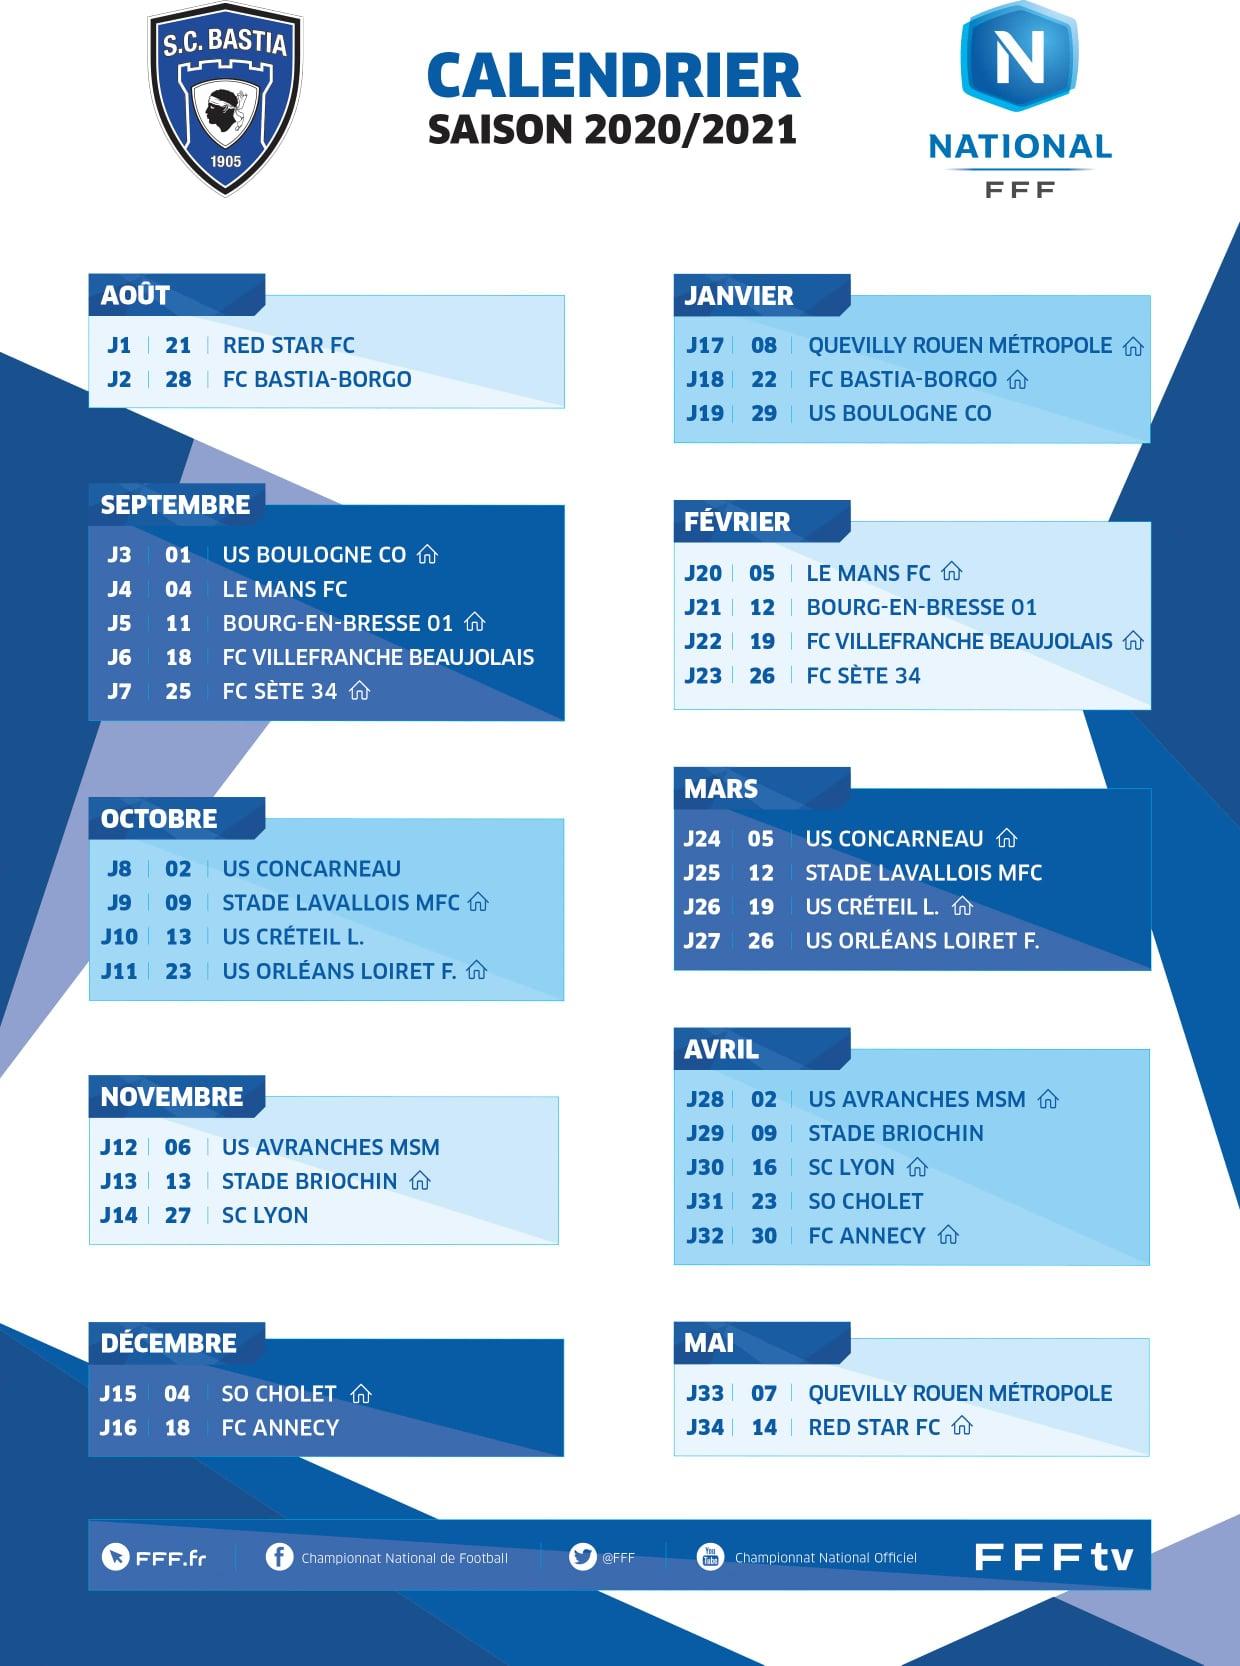 Le calendrier 2020/2021 du SC Bastia publié